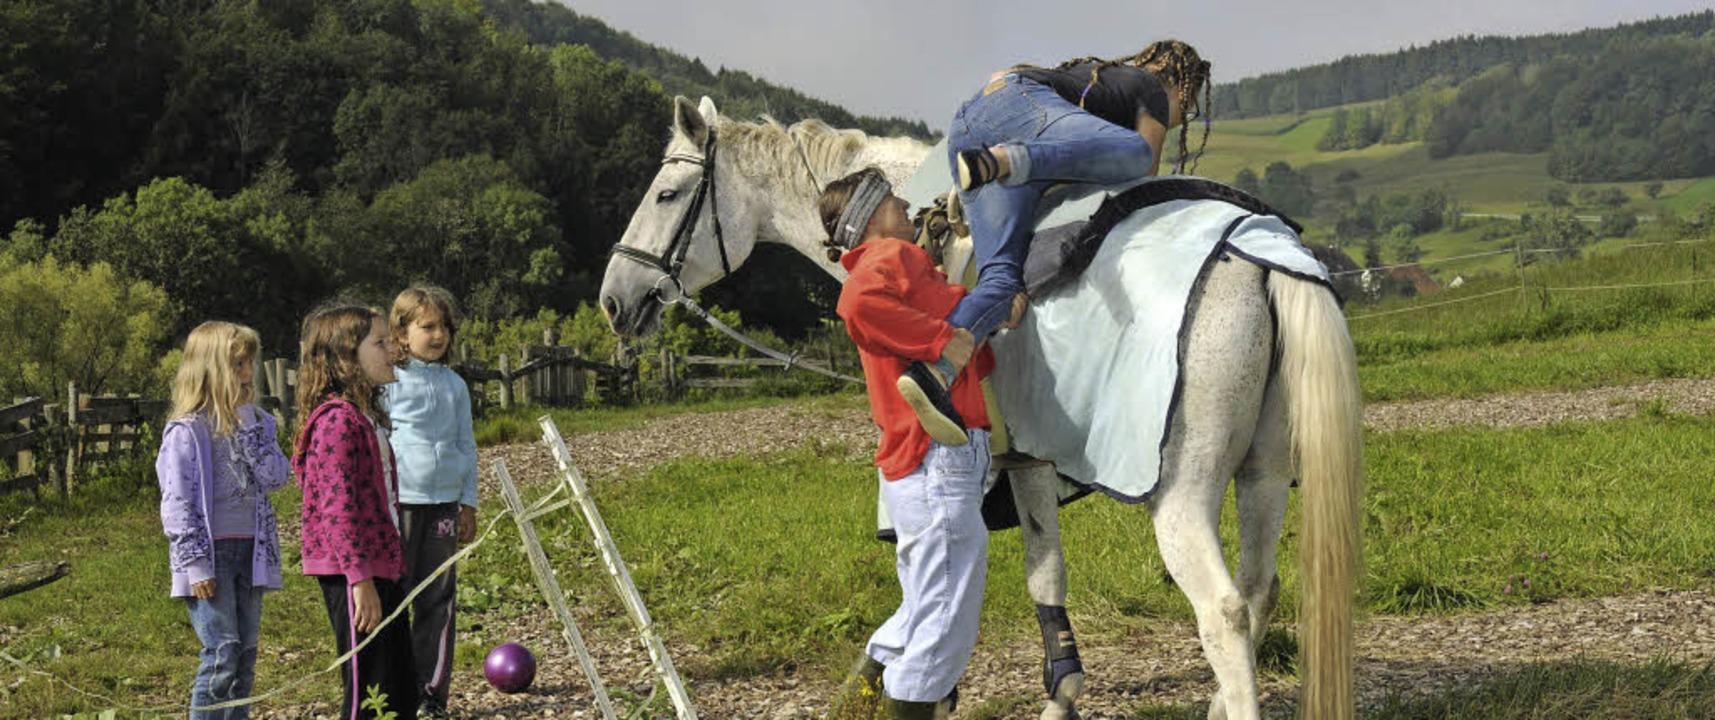 Ein erstes Mal auf einem Pferd reiten,...ferienprogramms der Stadt Stühlingen.   | Foto: noe